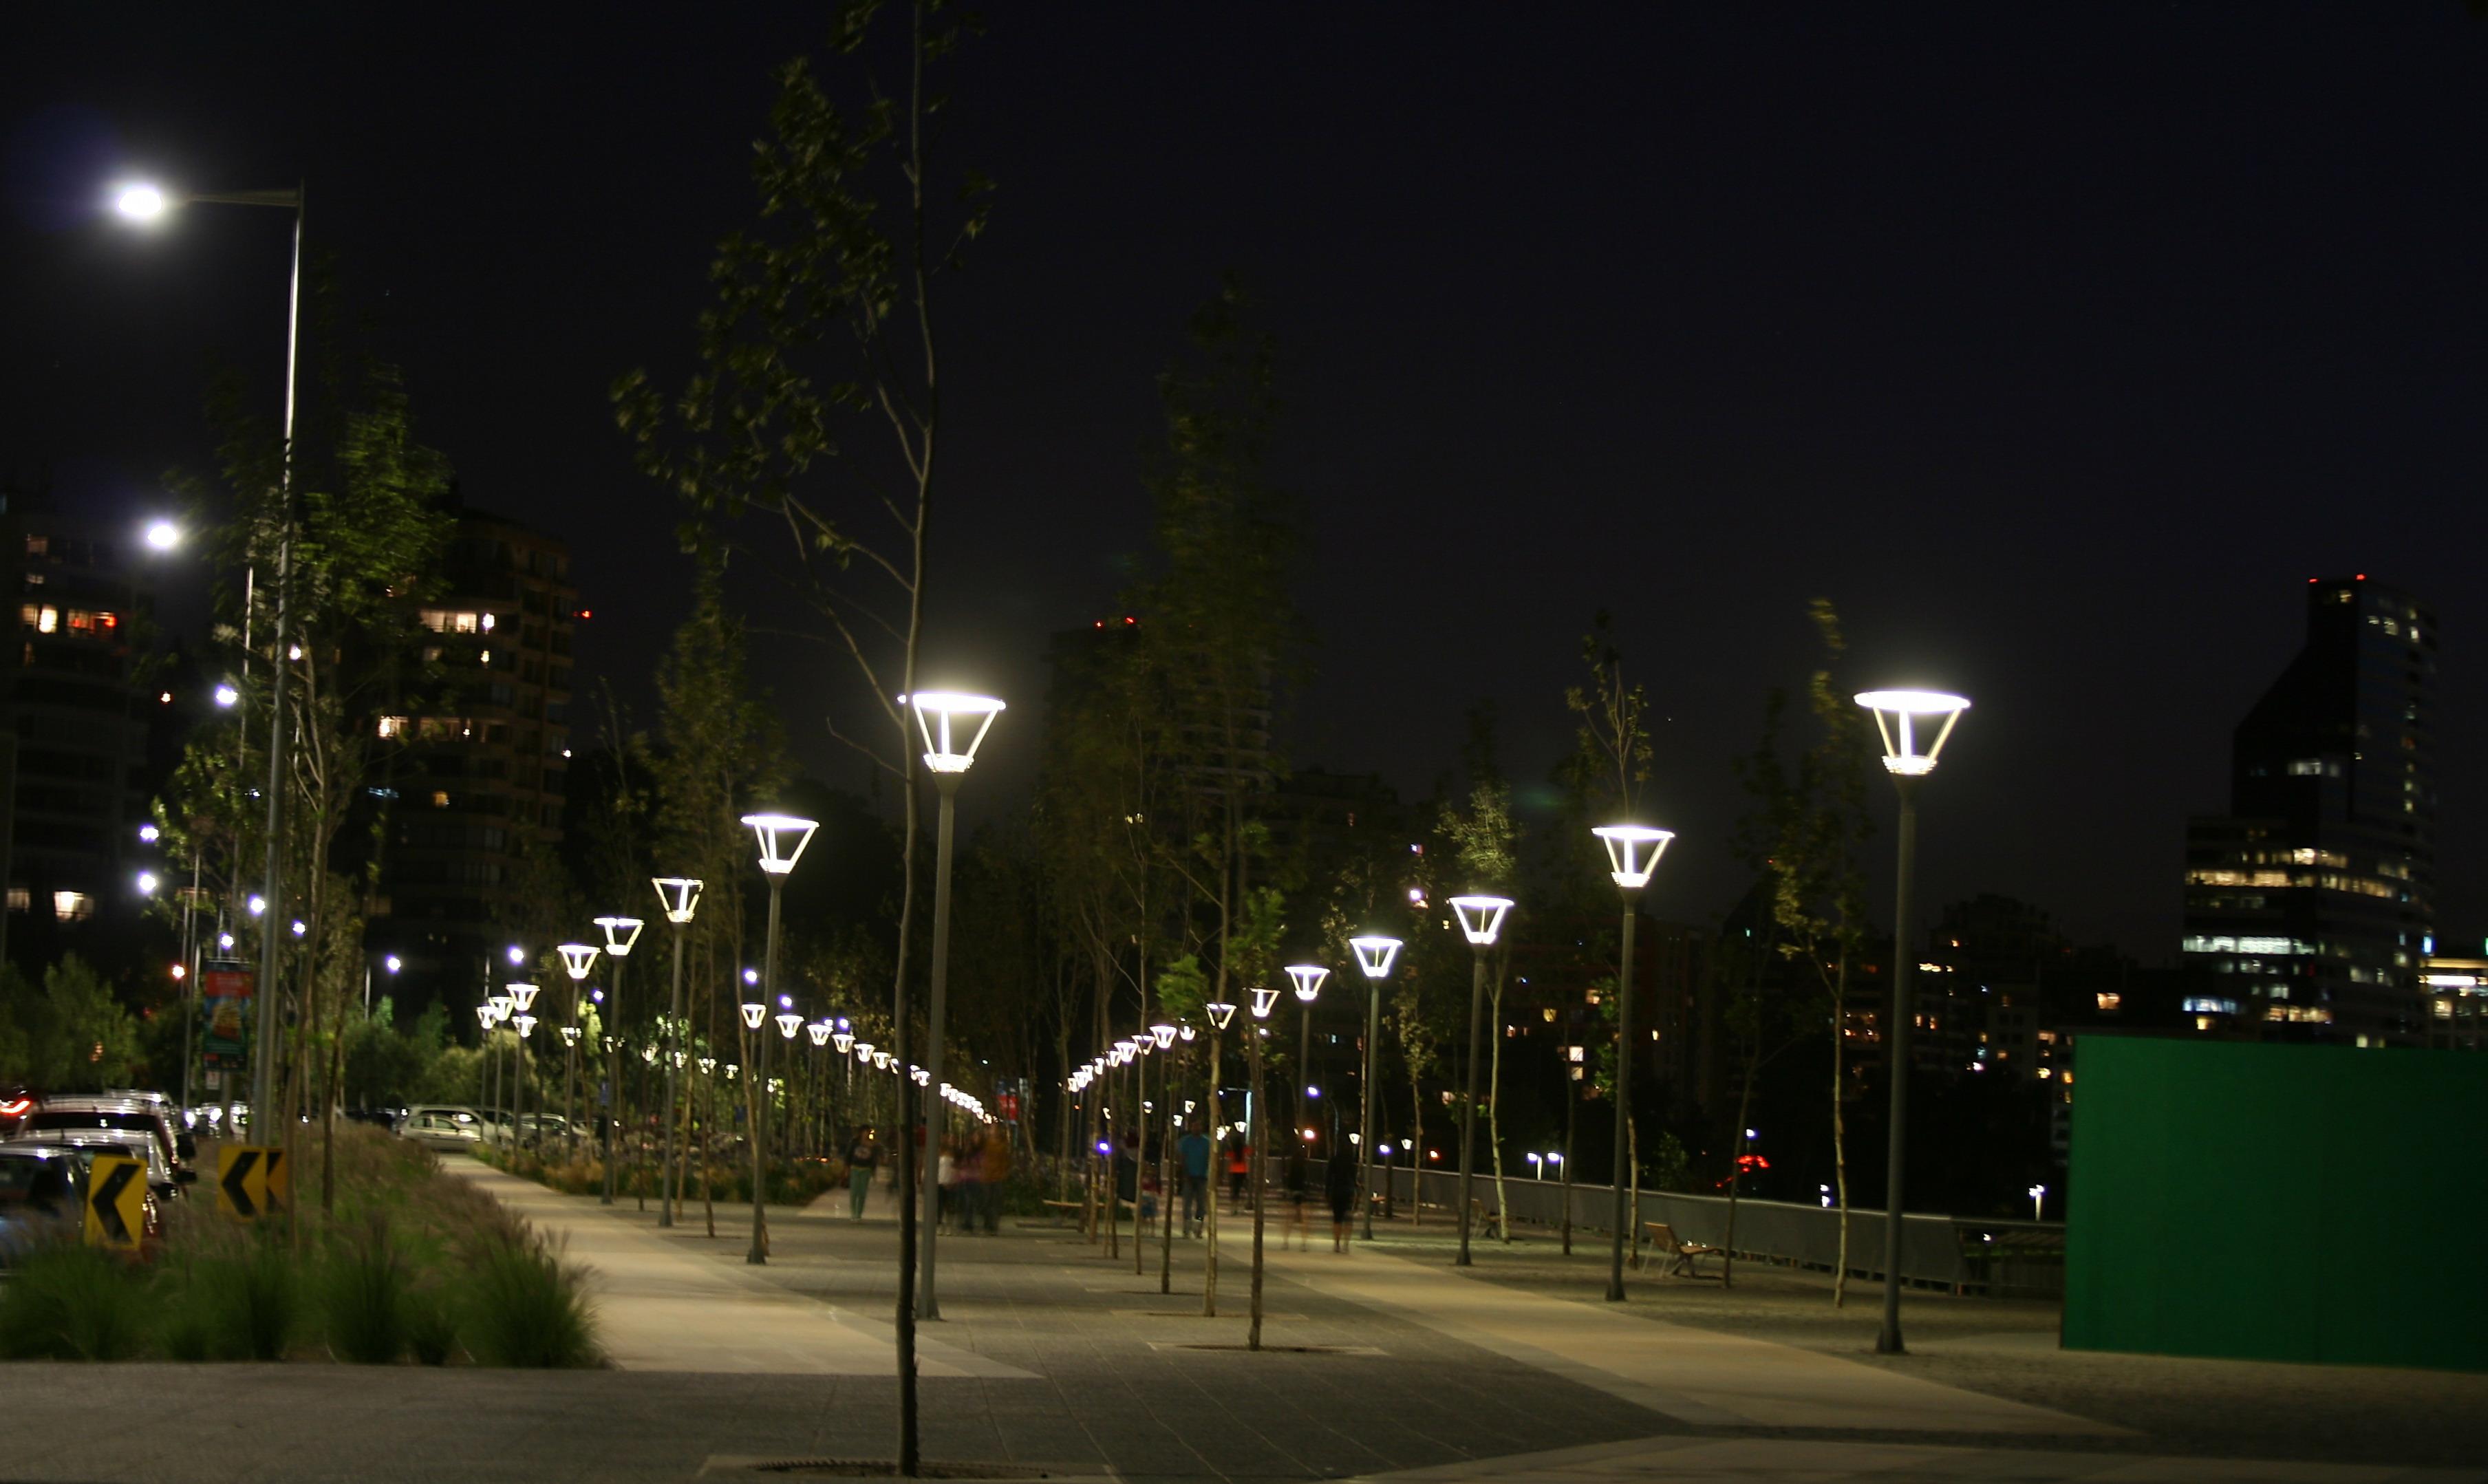 iluminacin inteligente tecnologa led y programada para las calles y plazas